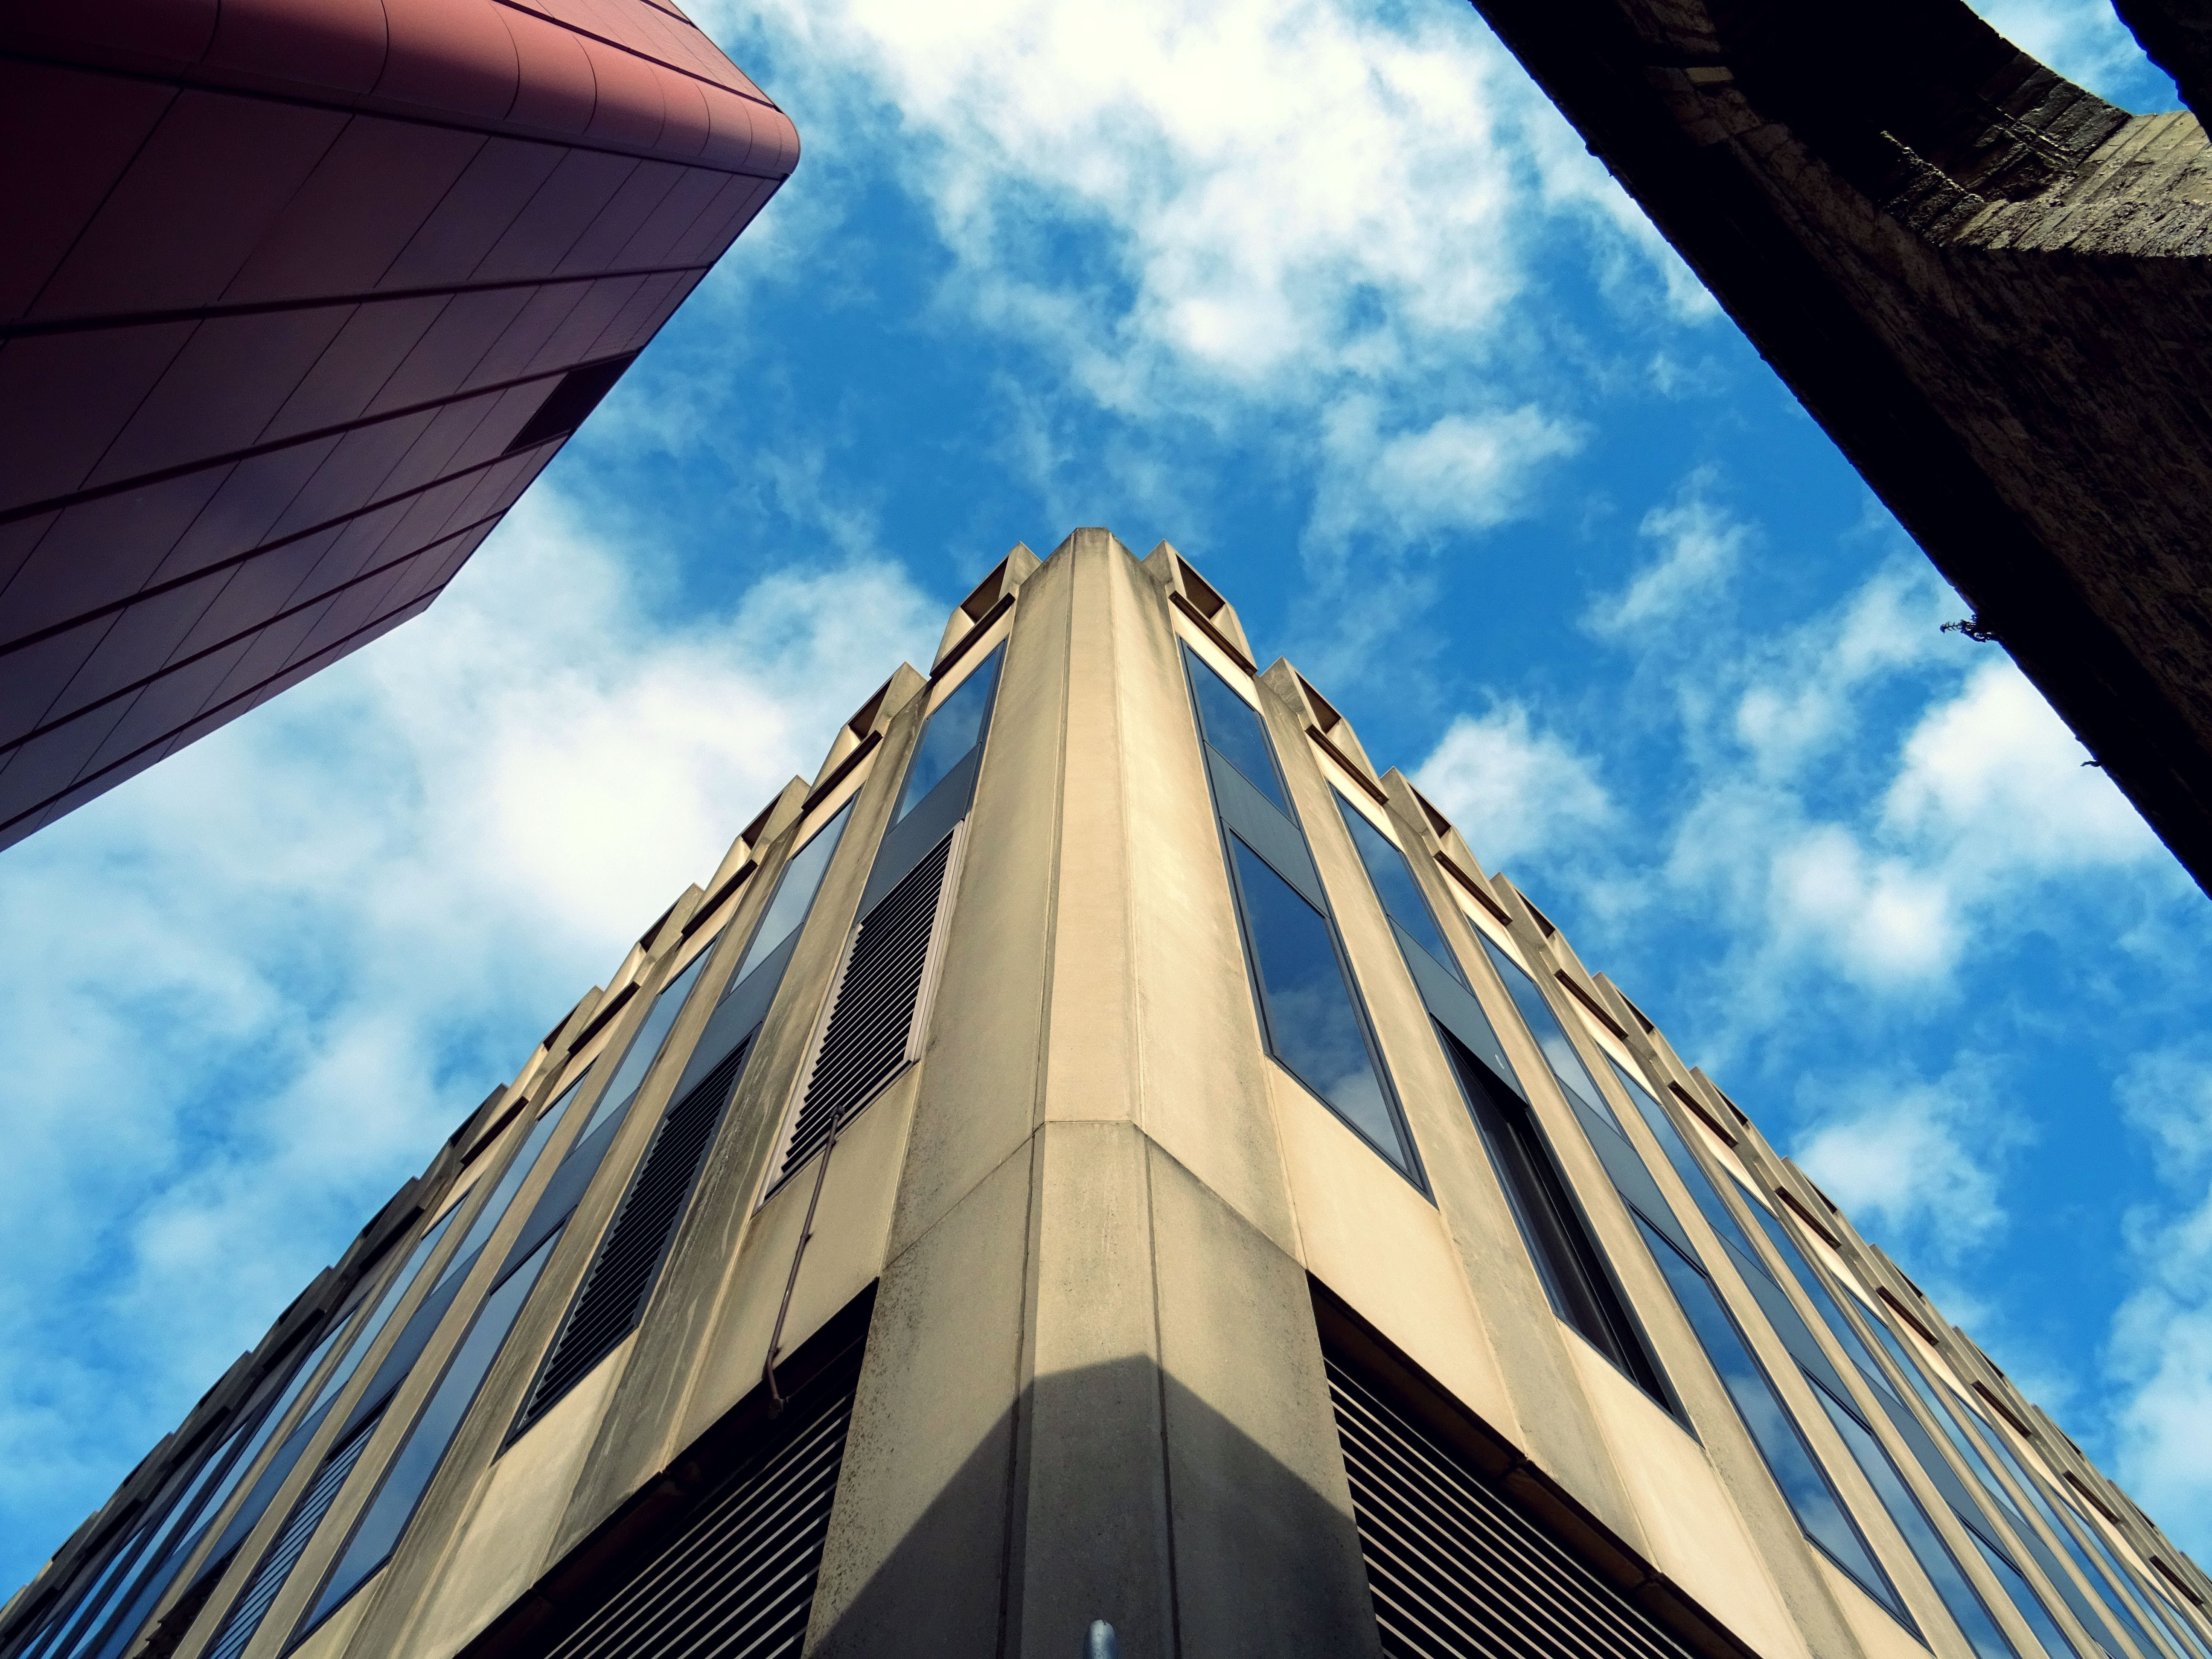 Foto profissional grátis de aço, arquitetura, céu limpo, contemporâneo